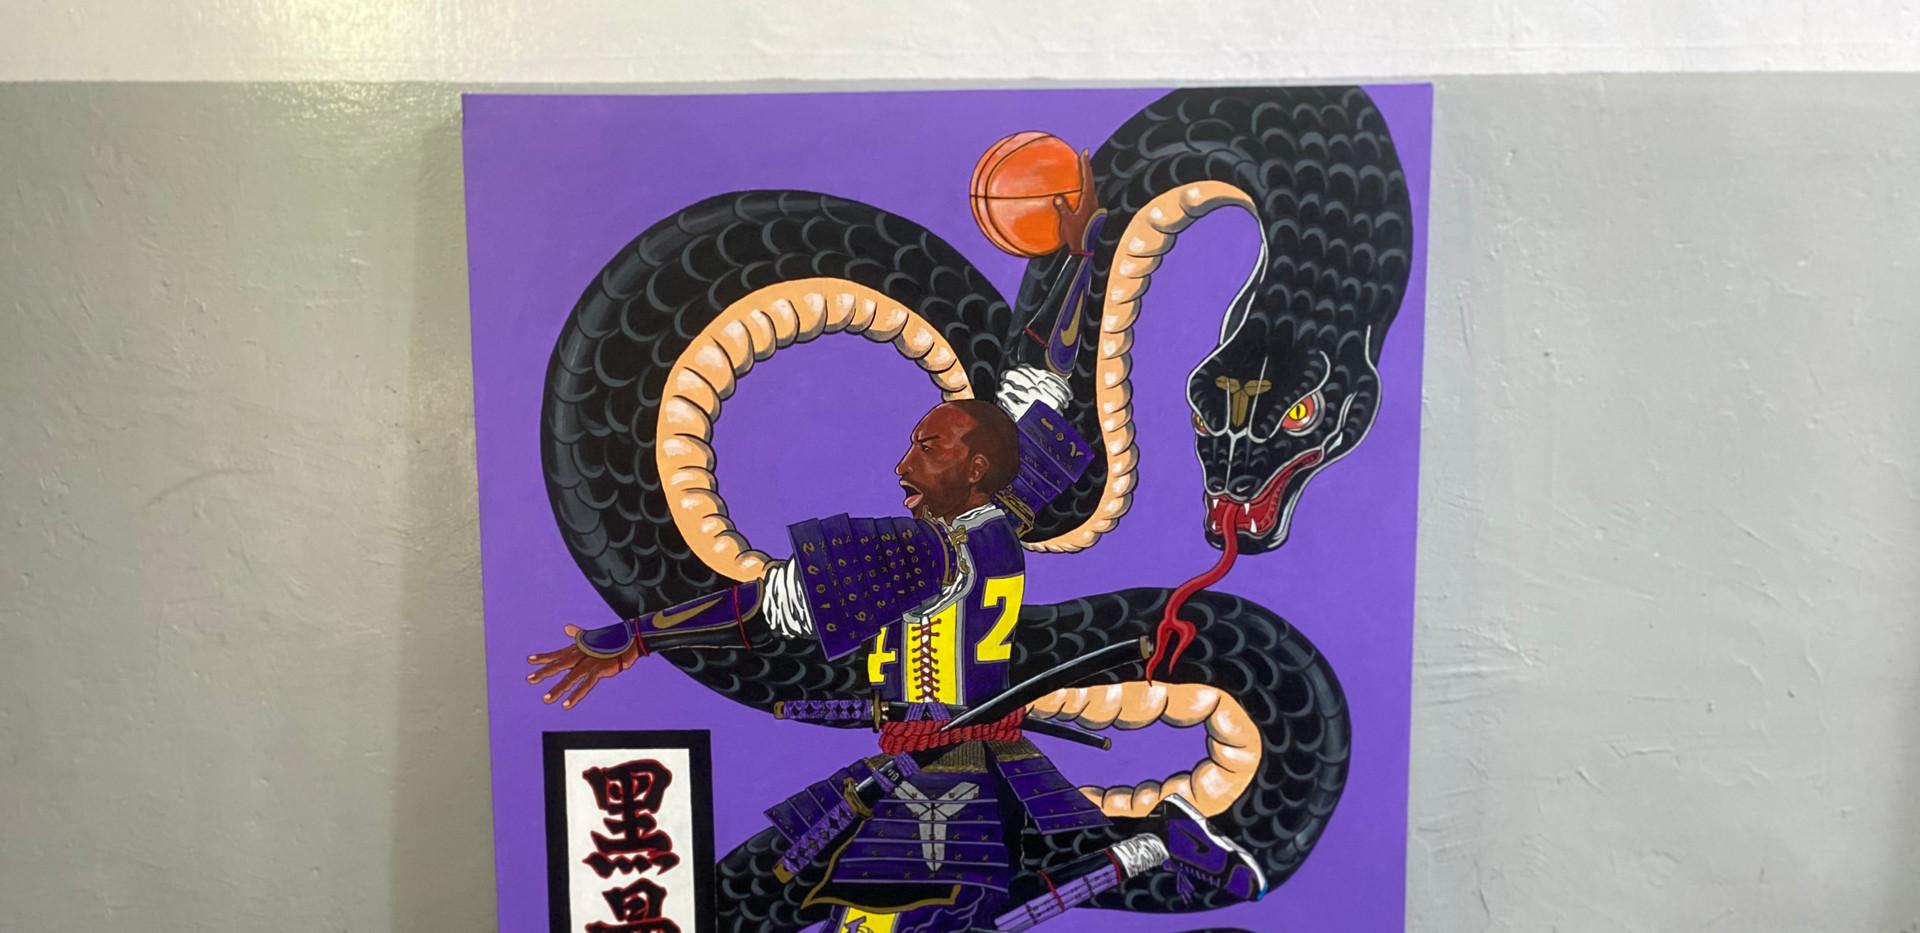 Kobe_Samurai_120x100cm_11.jpeg